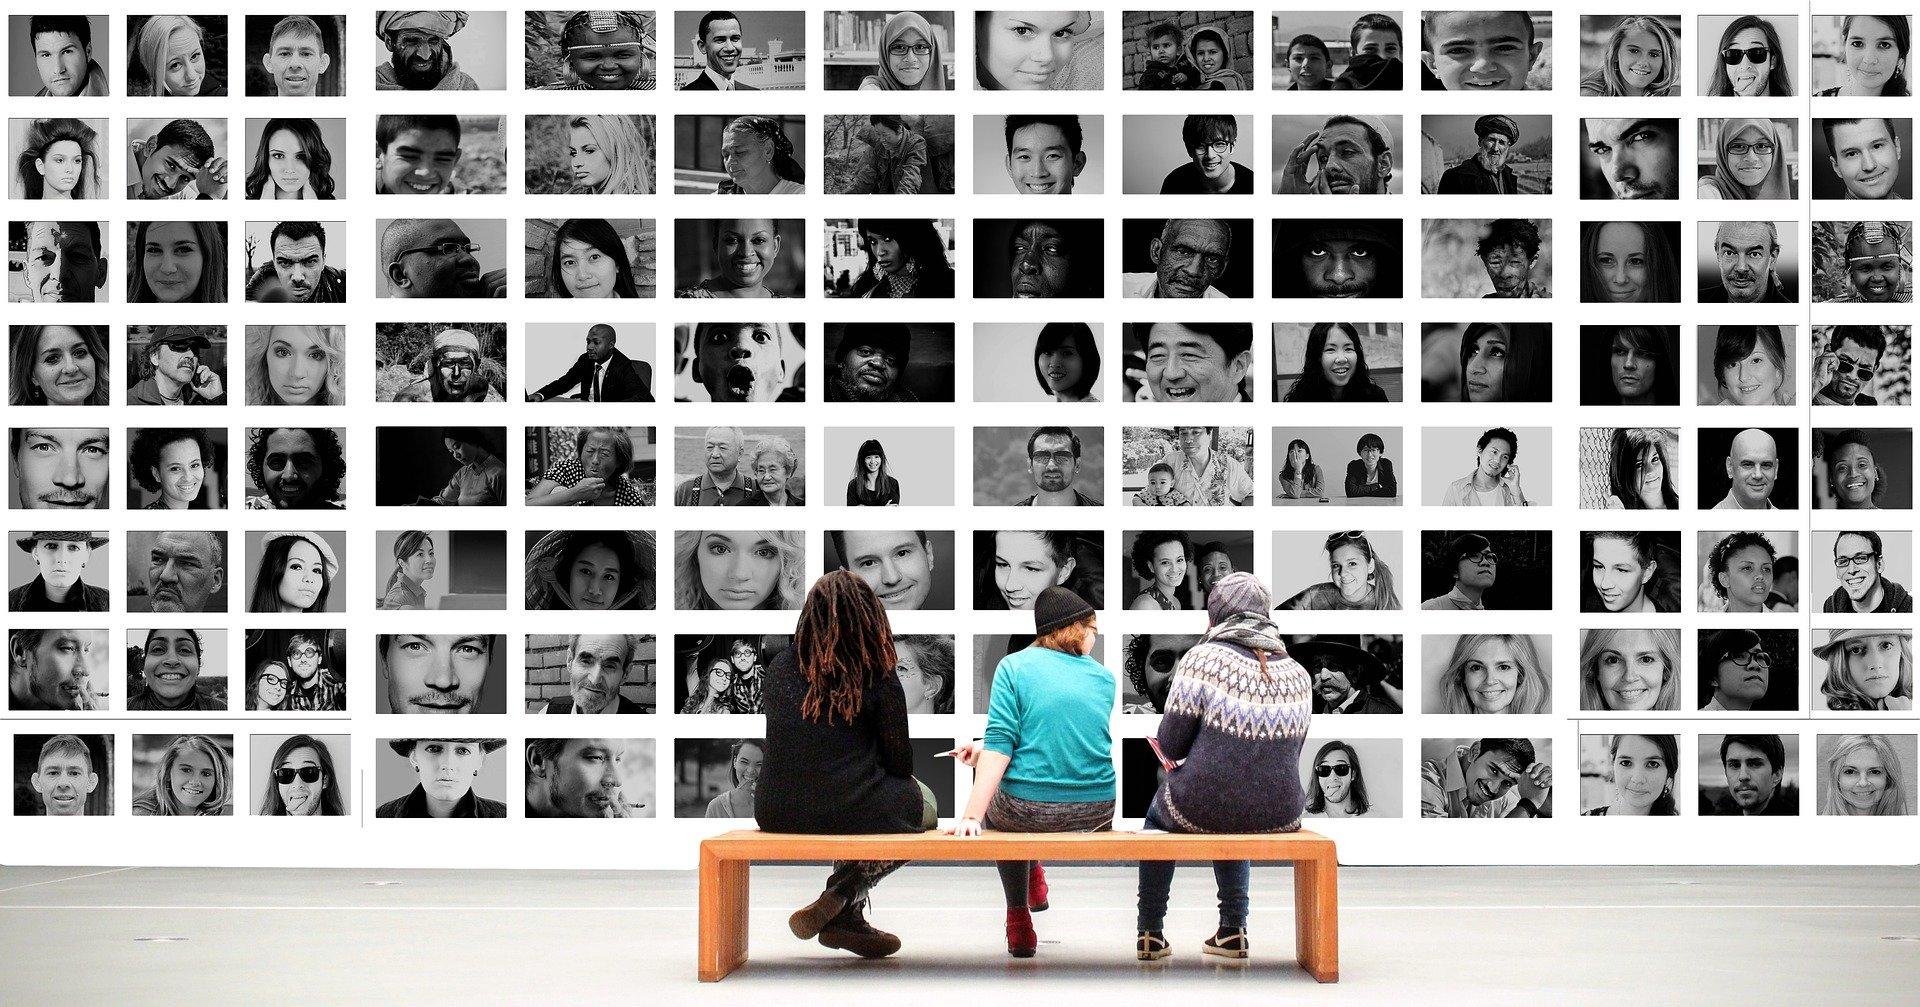 people looking at people personas